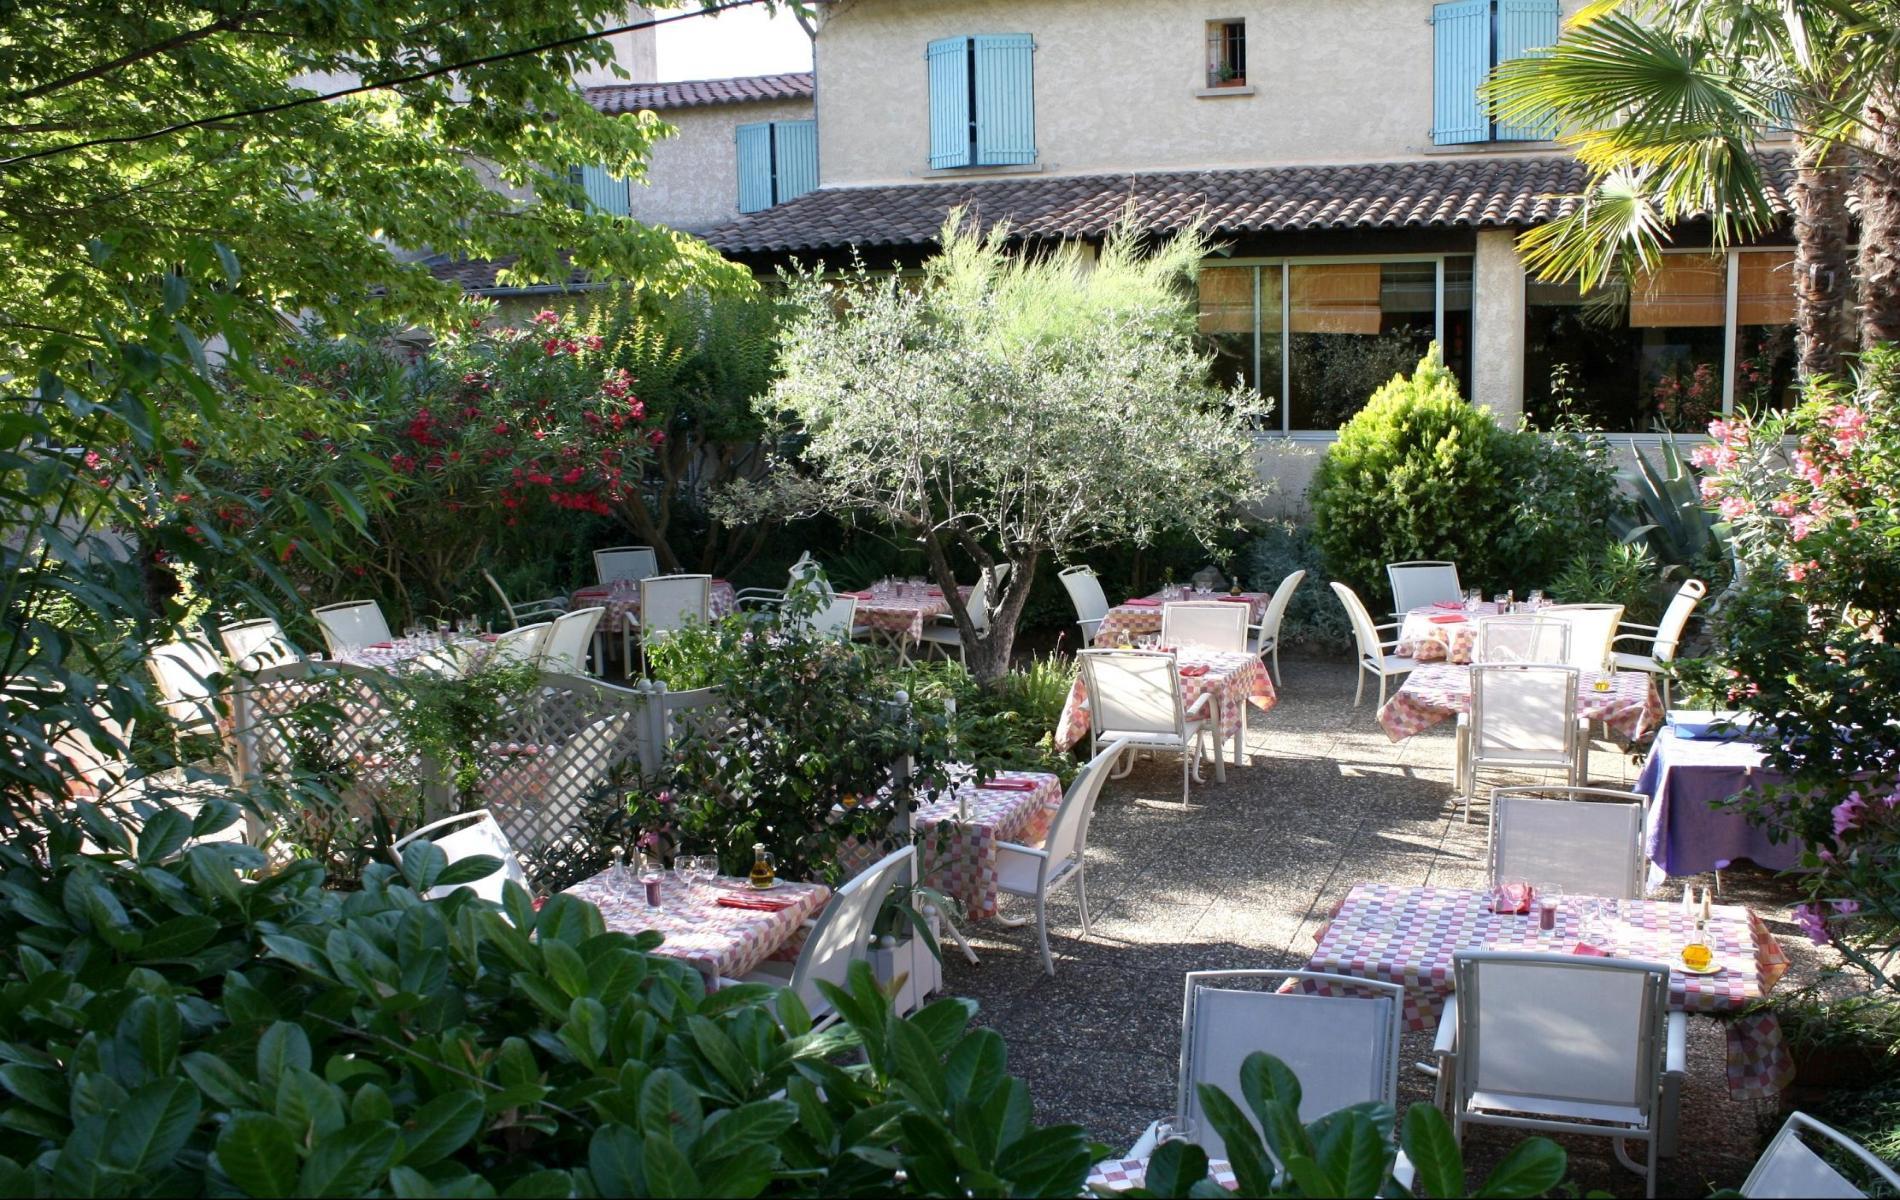 Restaurant aux pieds du mont ventoux - Restaurant terrasse jardin grenoble mulhouse ...